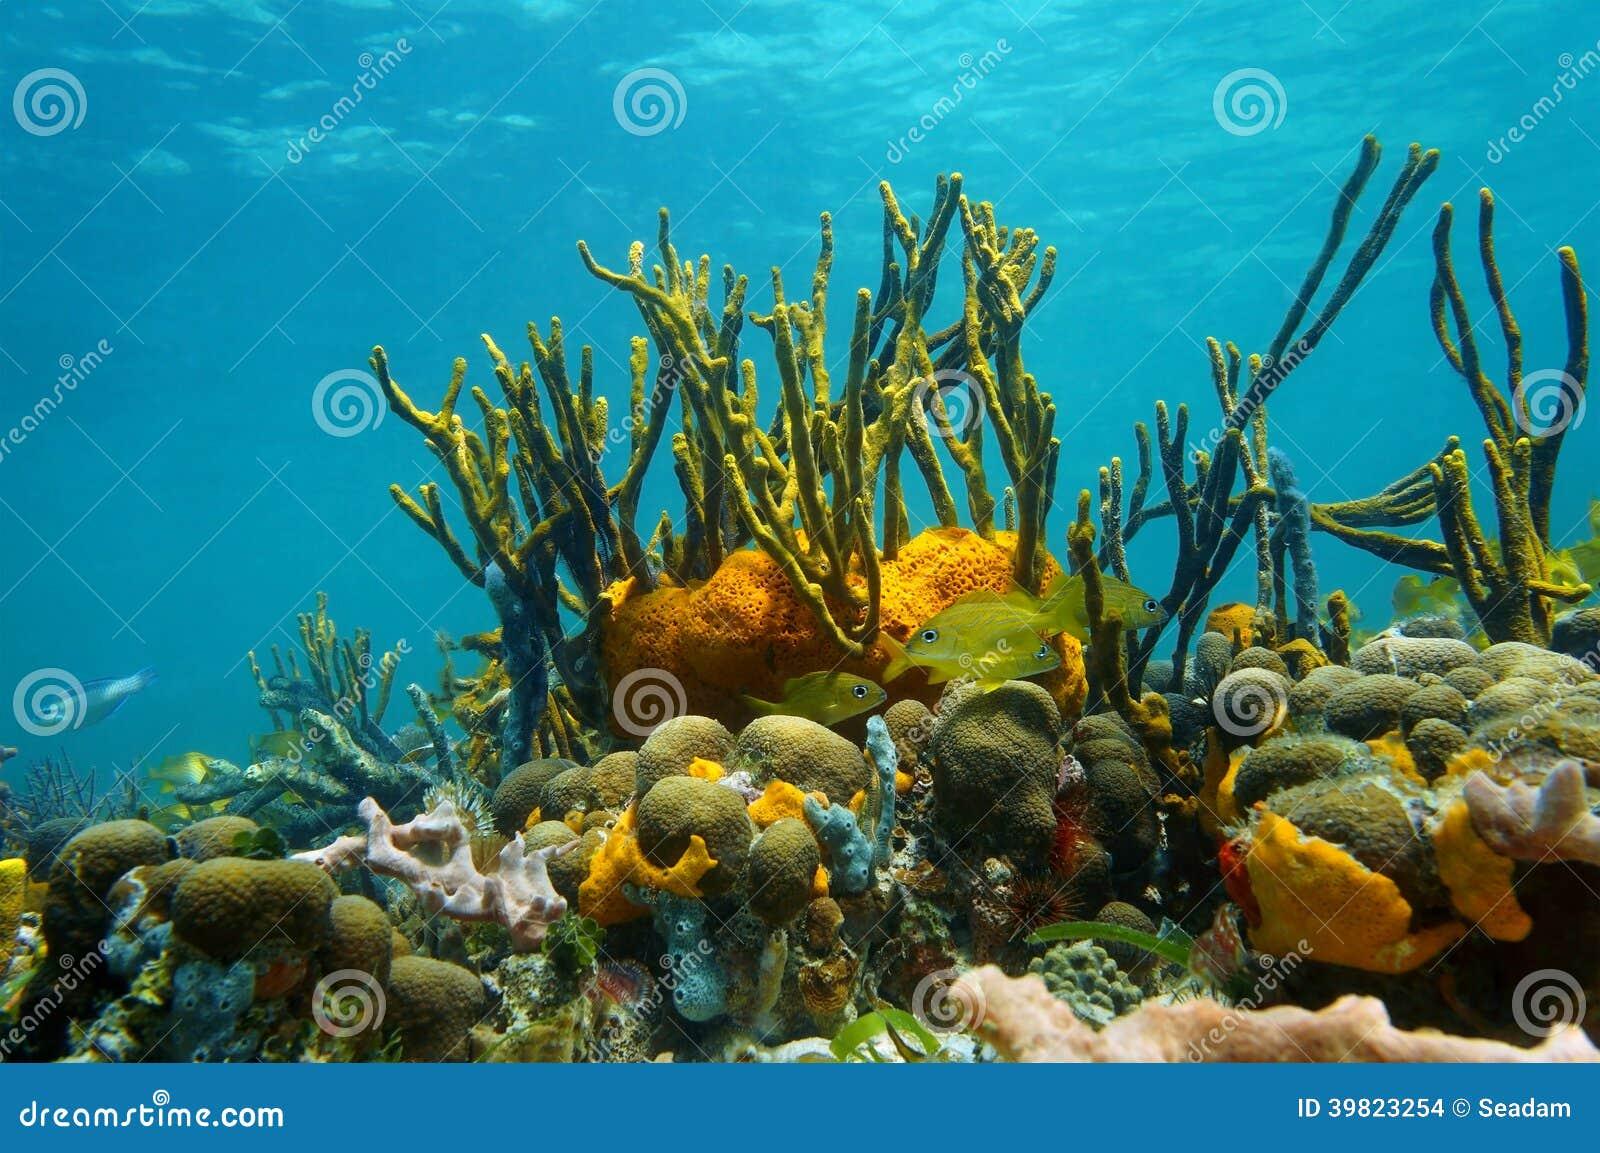 Colorful Underwater Marine Life With Starfish And Tropical ... |Colorful Underwater Life